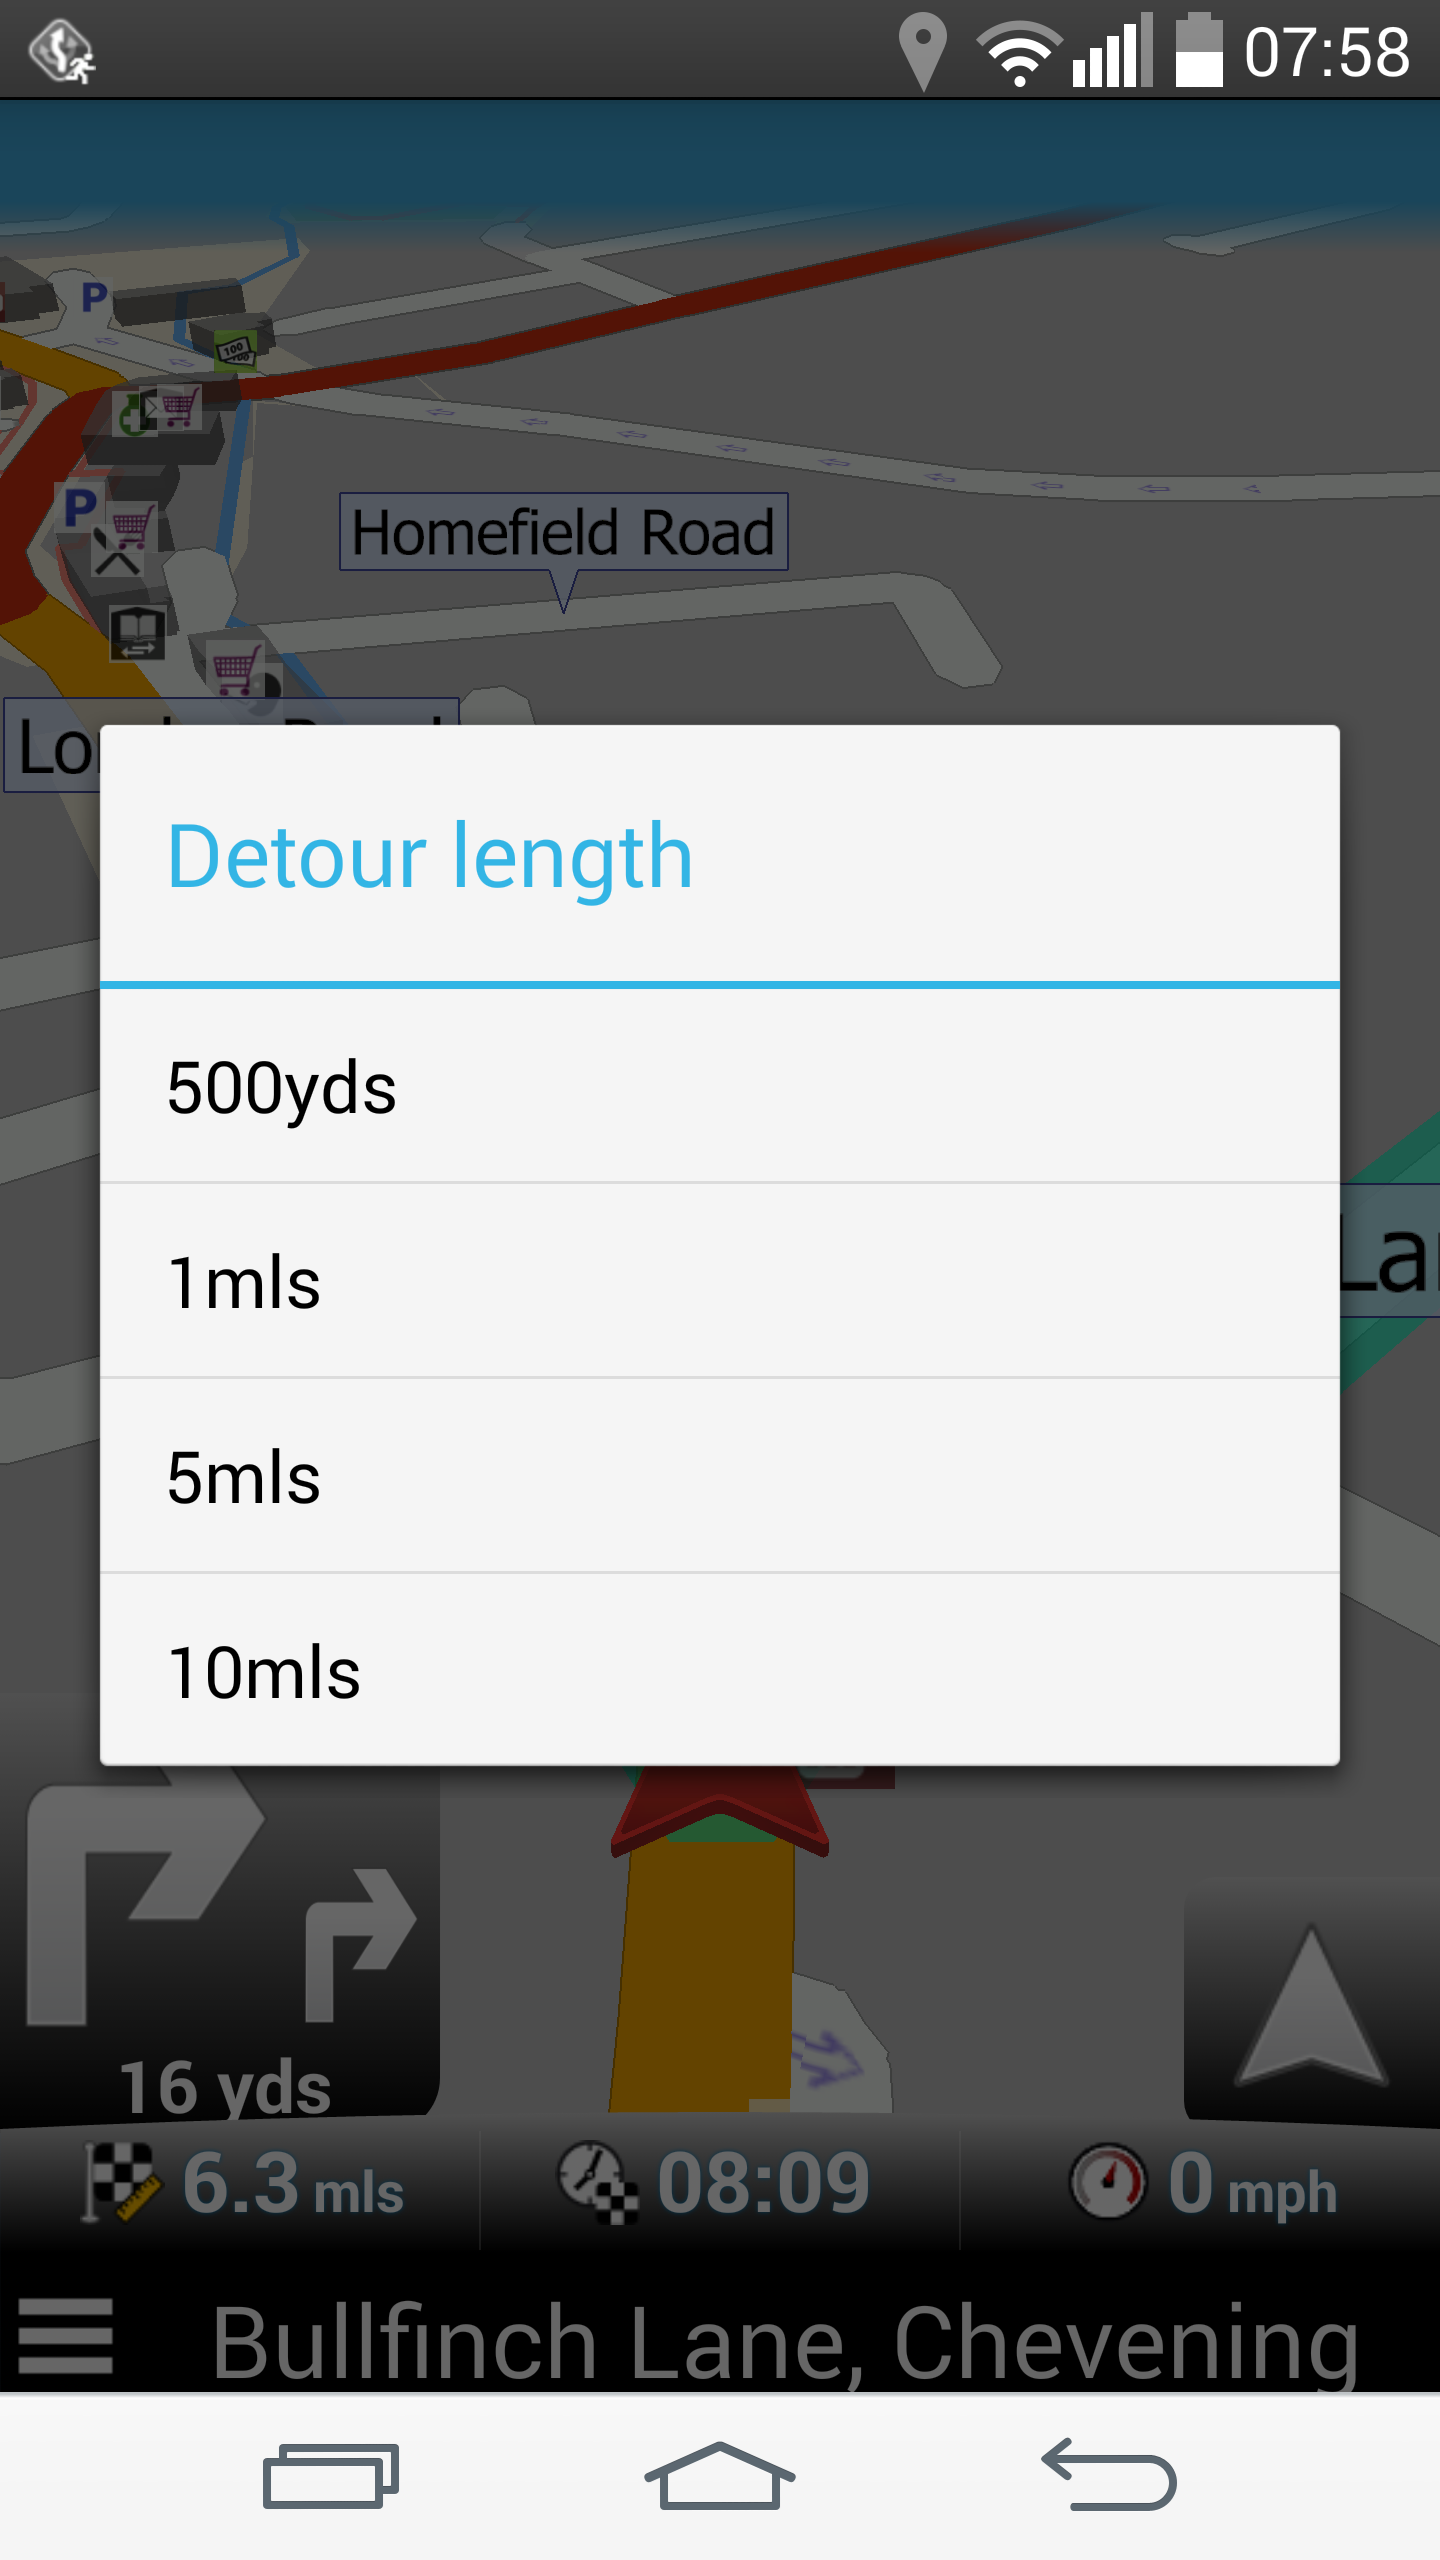 Navigator - Detour length